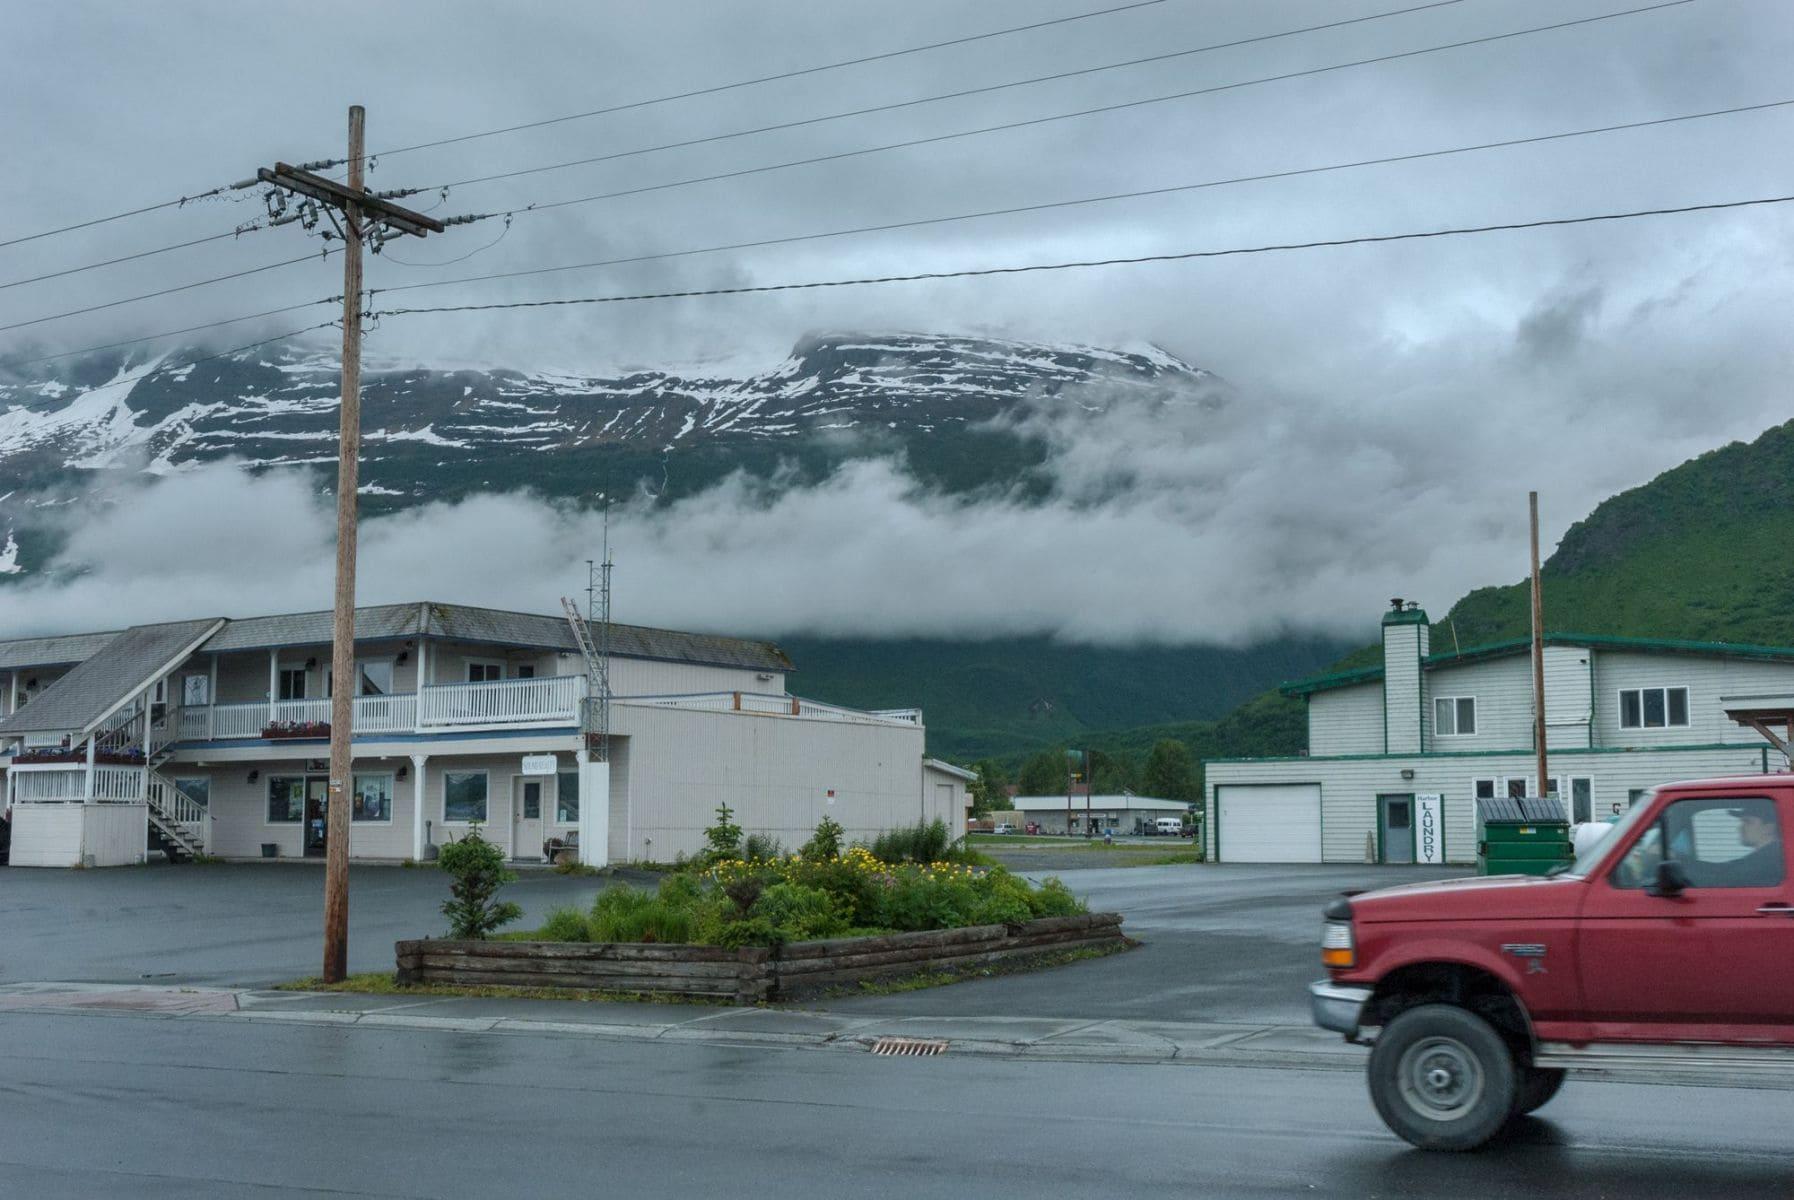 MichelAycaguer-Alaska bleu gris vert-2010-57